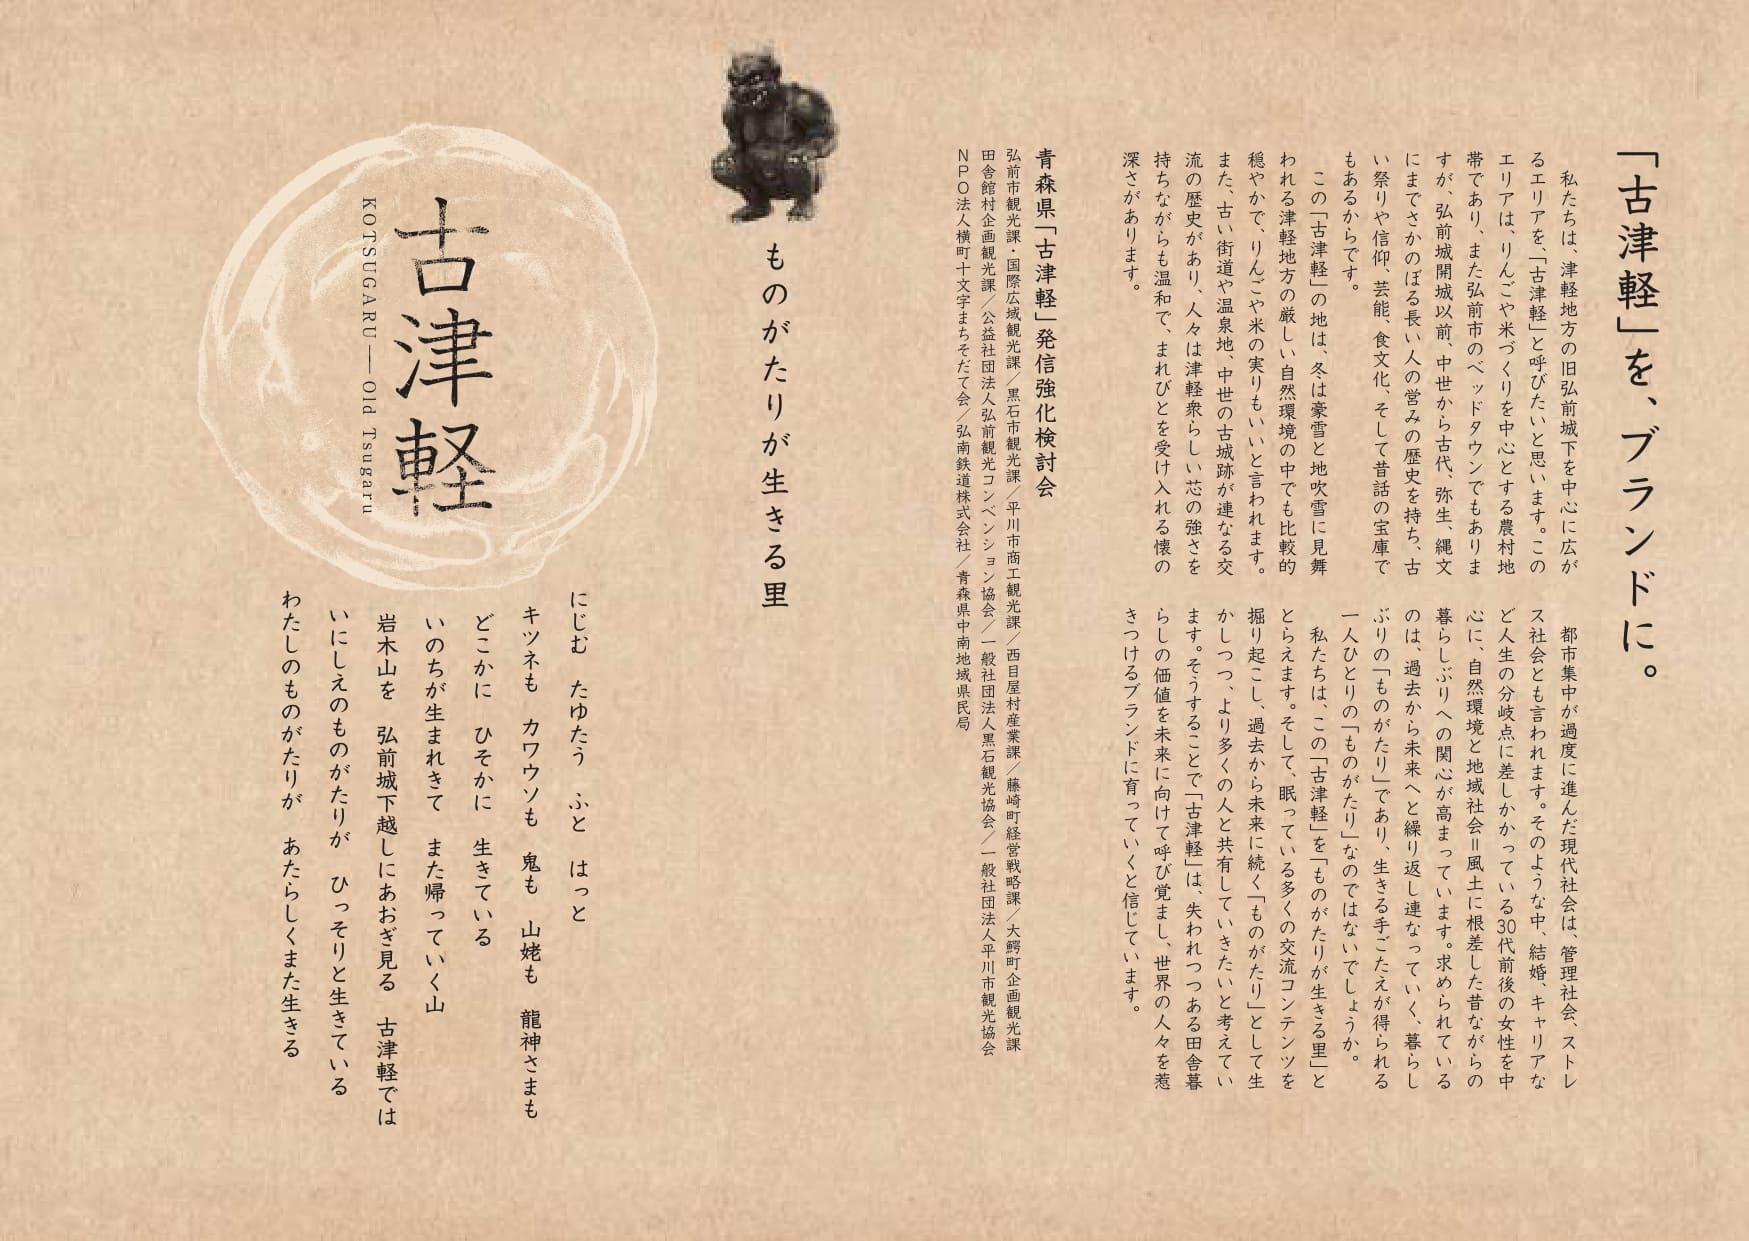 古津軽 1ページ